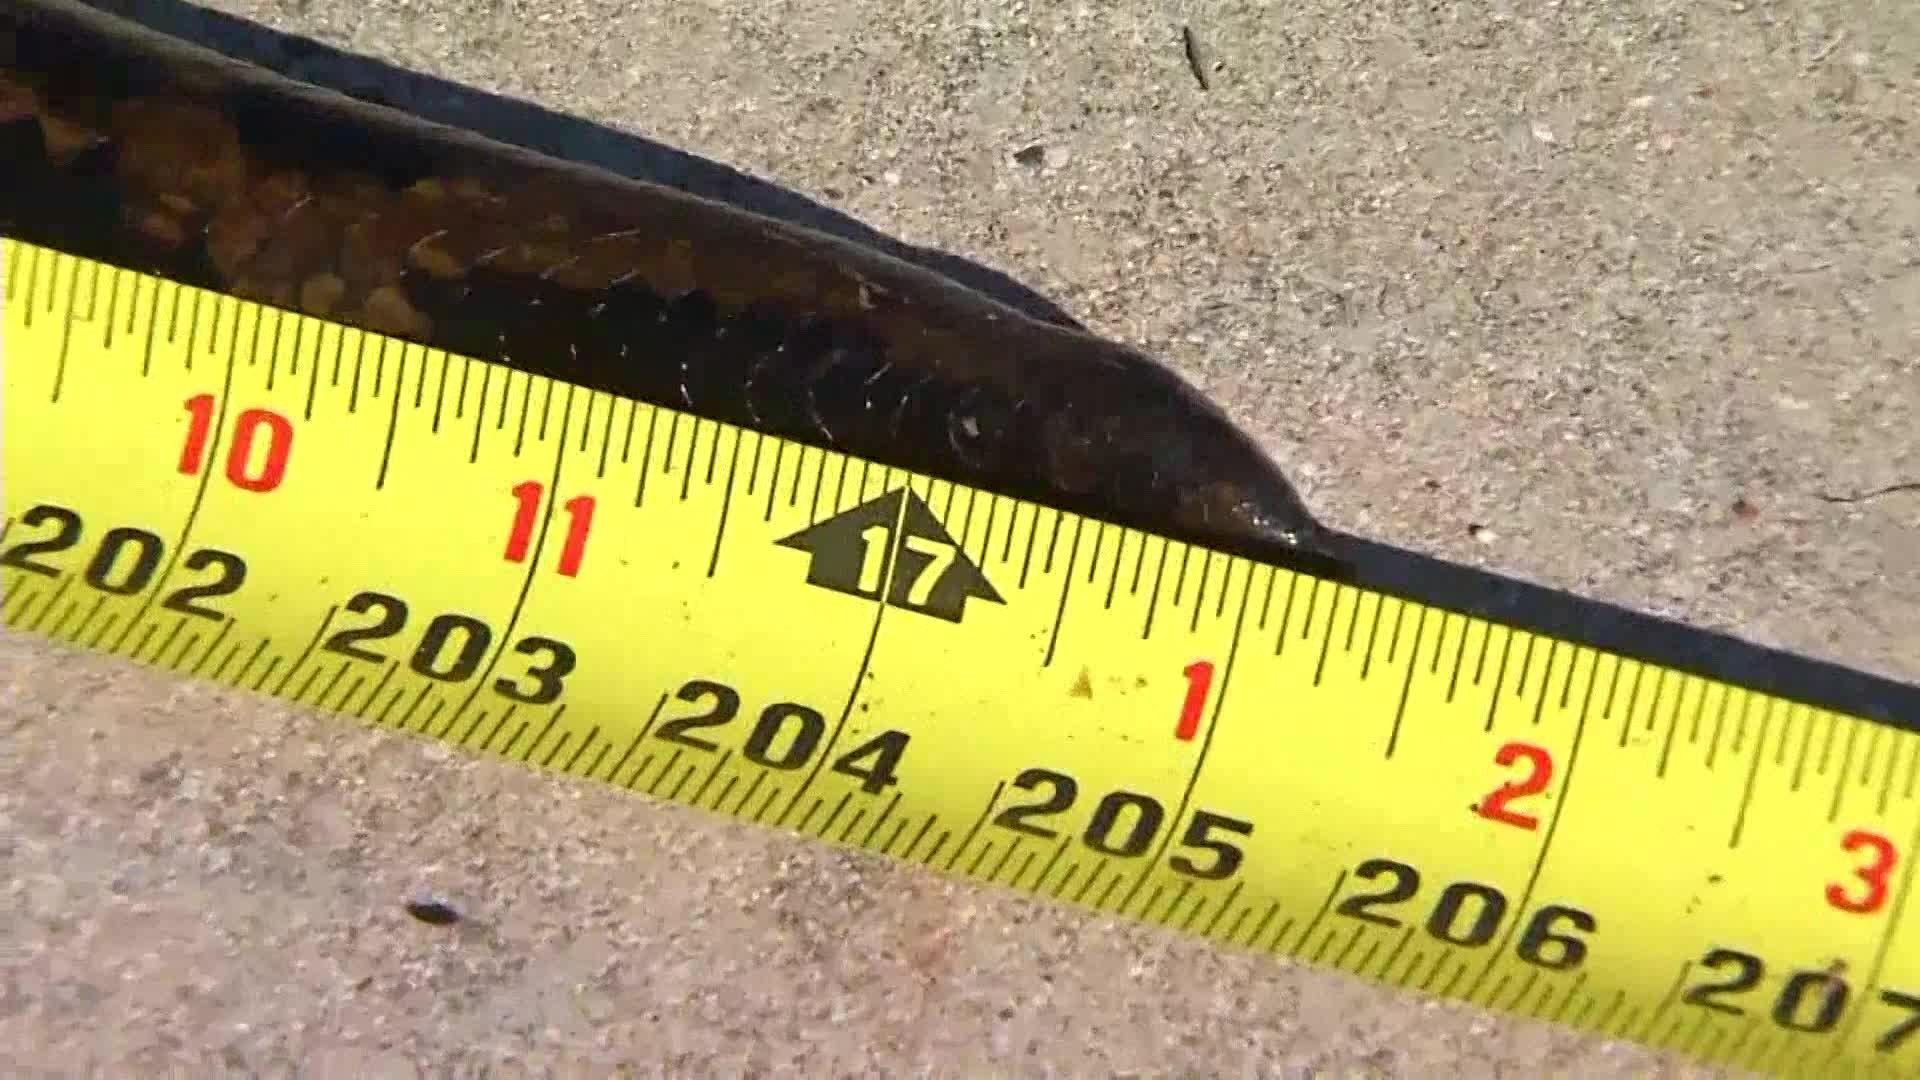 17 foot python_337623